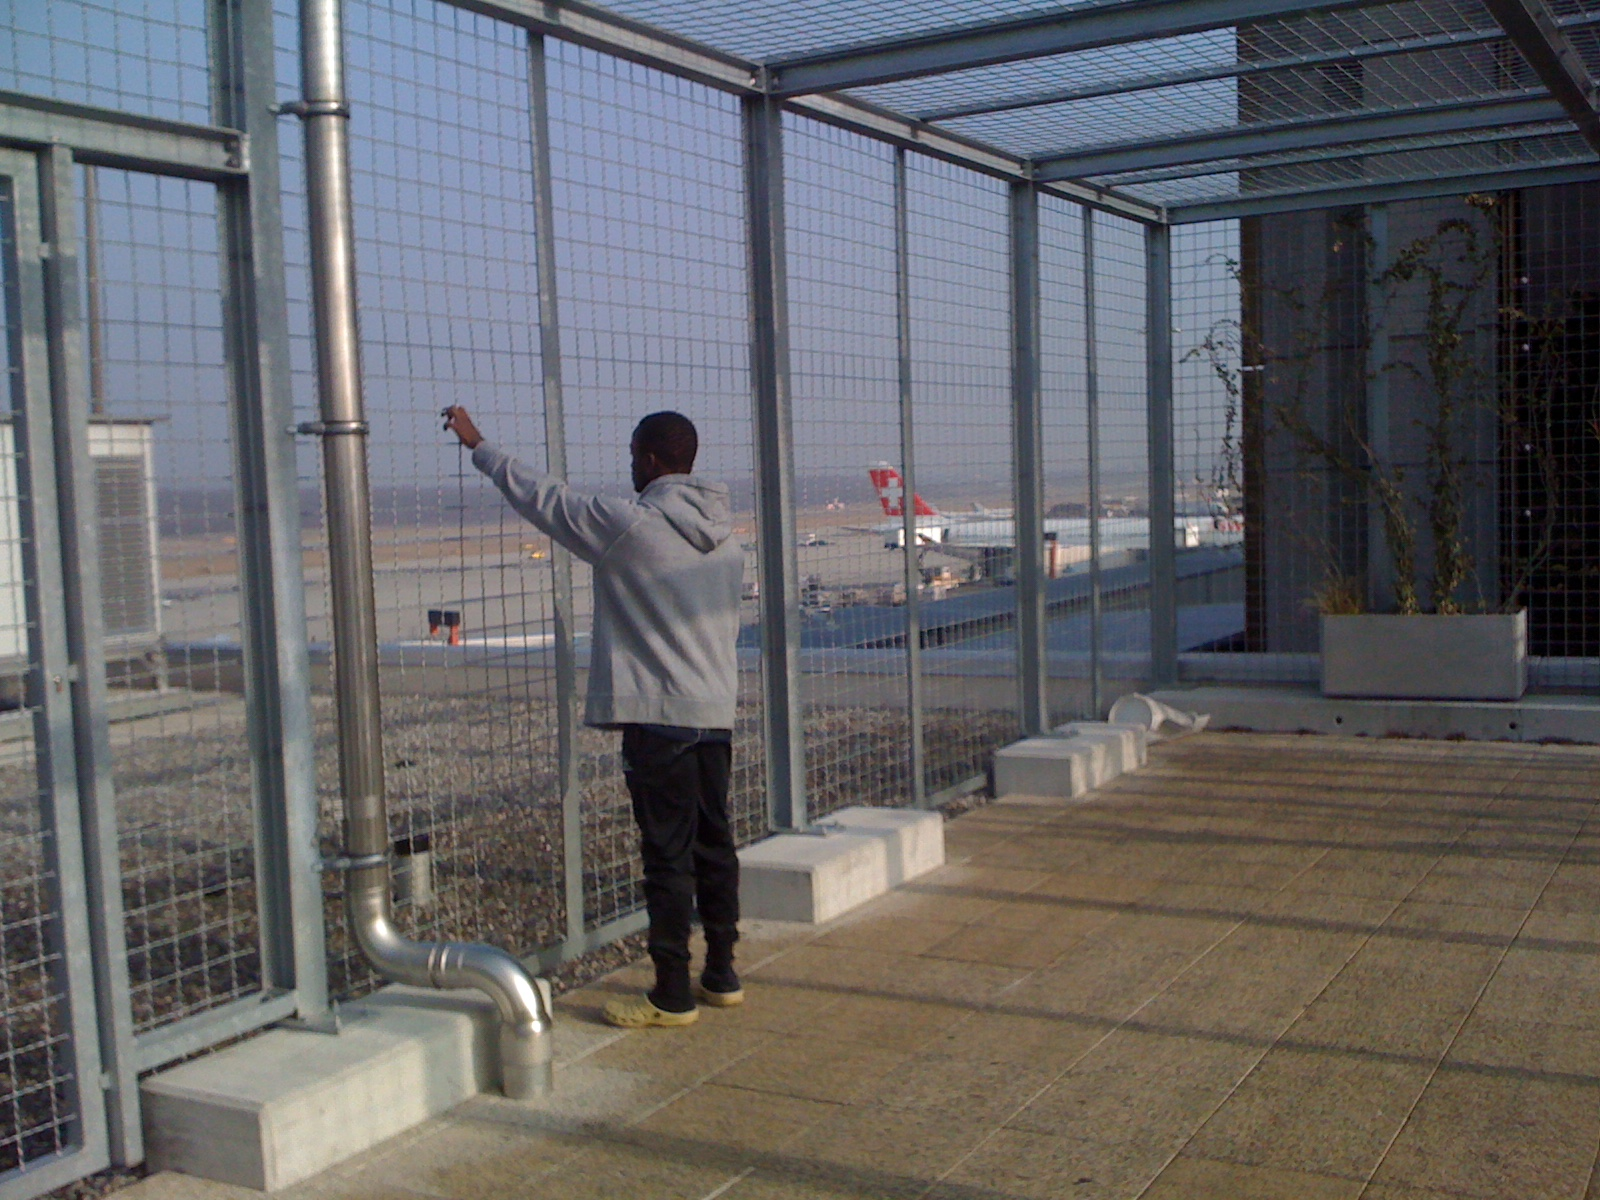 Le Tribunal fédéral donne raison à Elisa-Asile et reconnaît l'importance de son travail auprès des requérants d'asile à l'aéroport